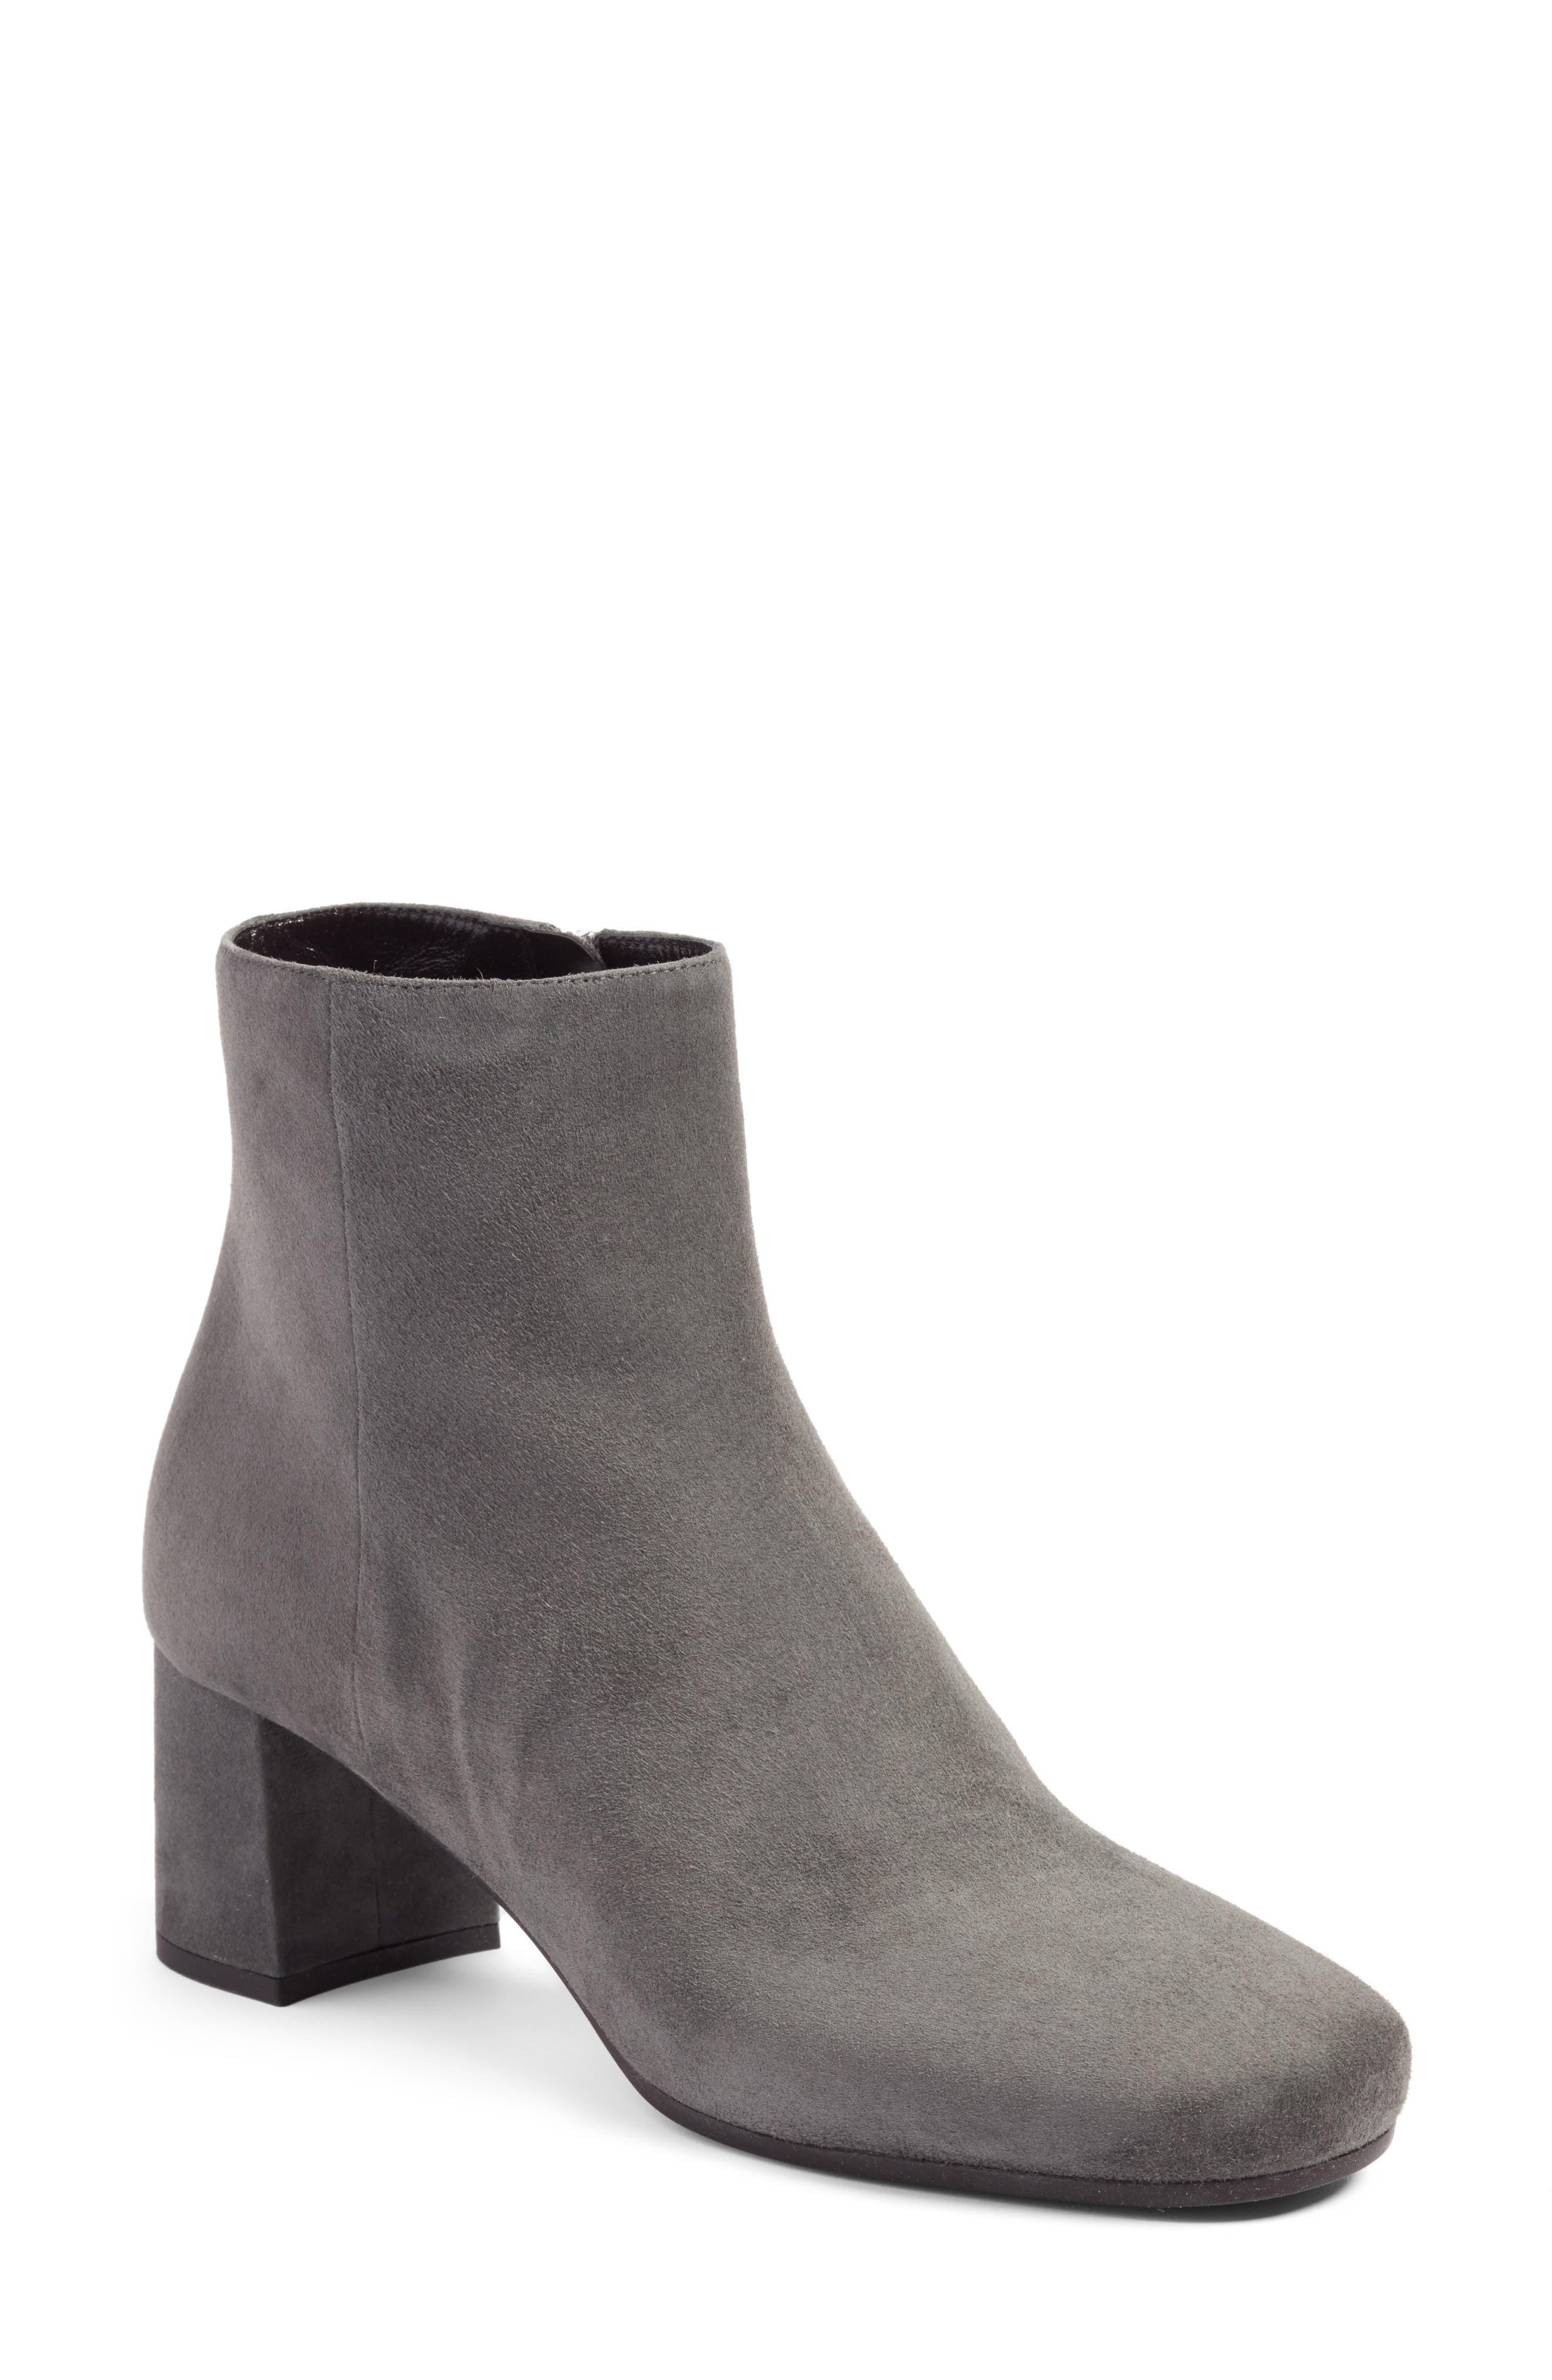 Main Image - Prada Block Heel Bootie (Women)